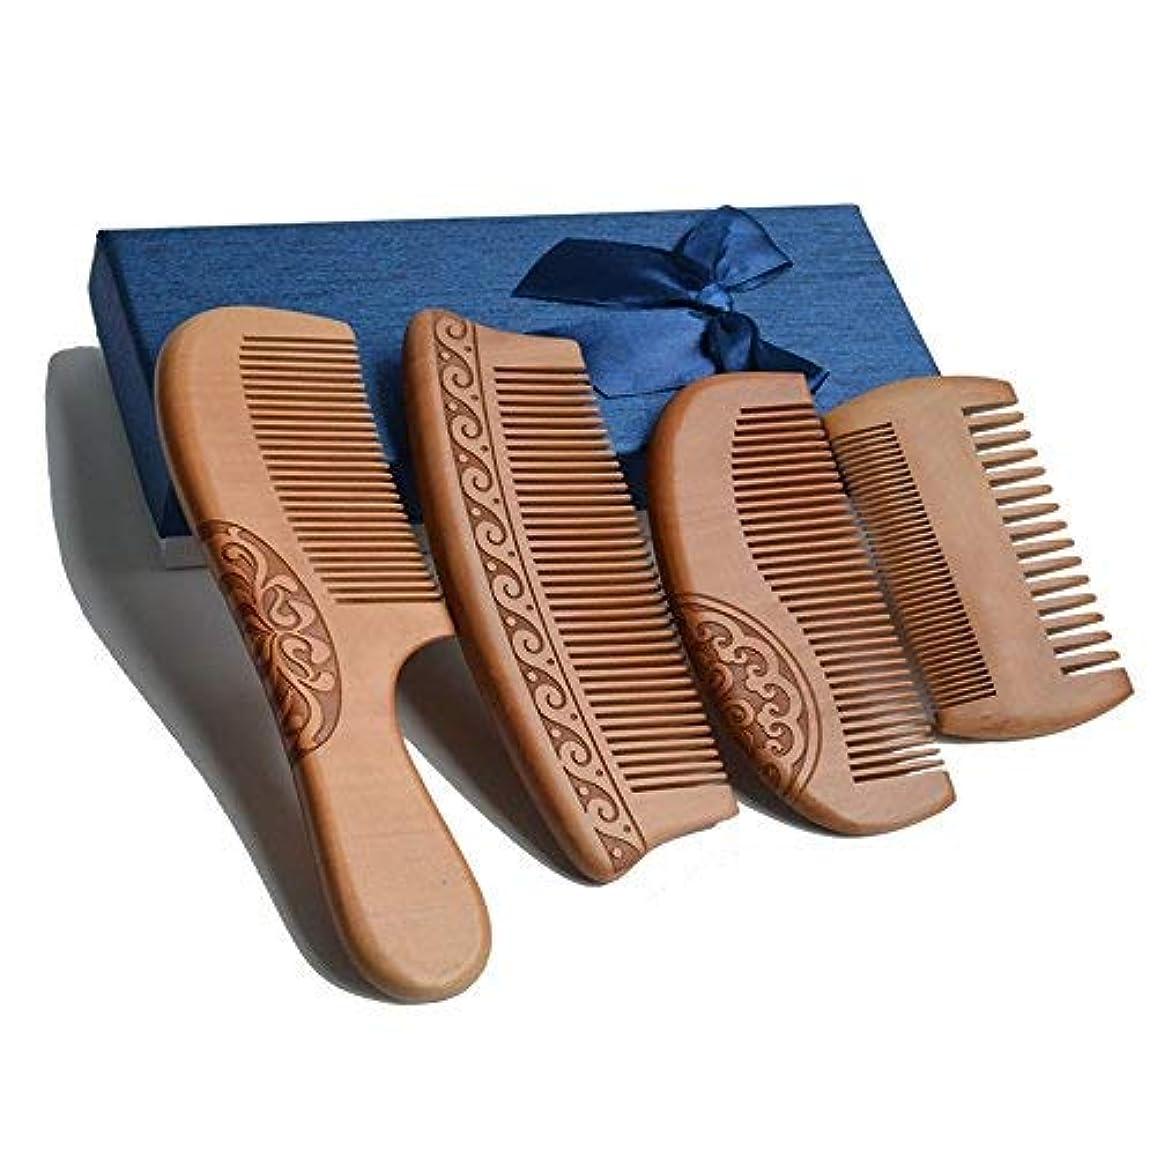 魅惑的な姓ページ4Pcs Wooden Hair Comb No Static Hair Detangler Detangling Comb with Premium Gift Box [並行輸入品]